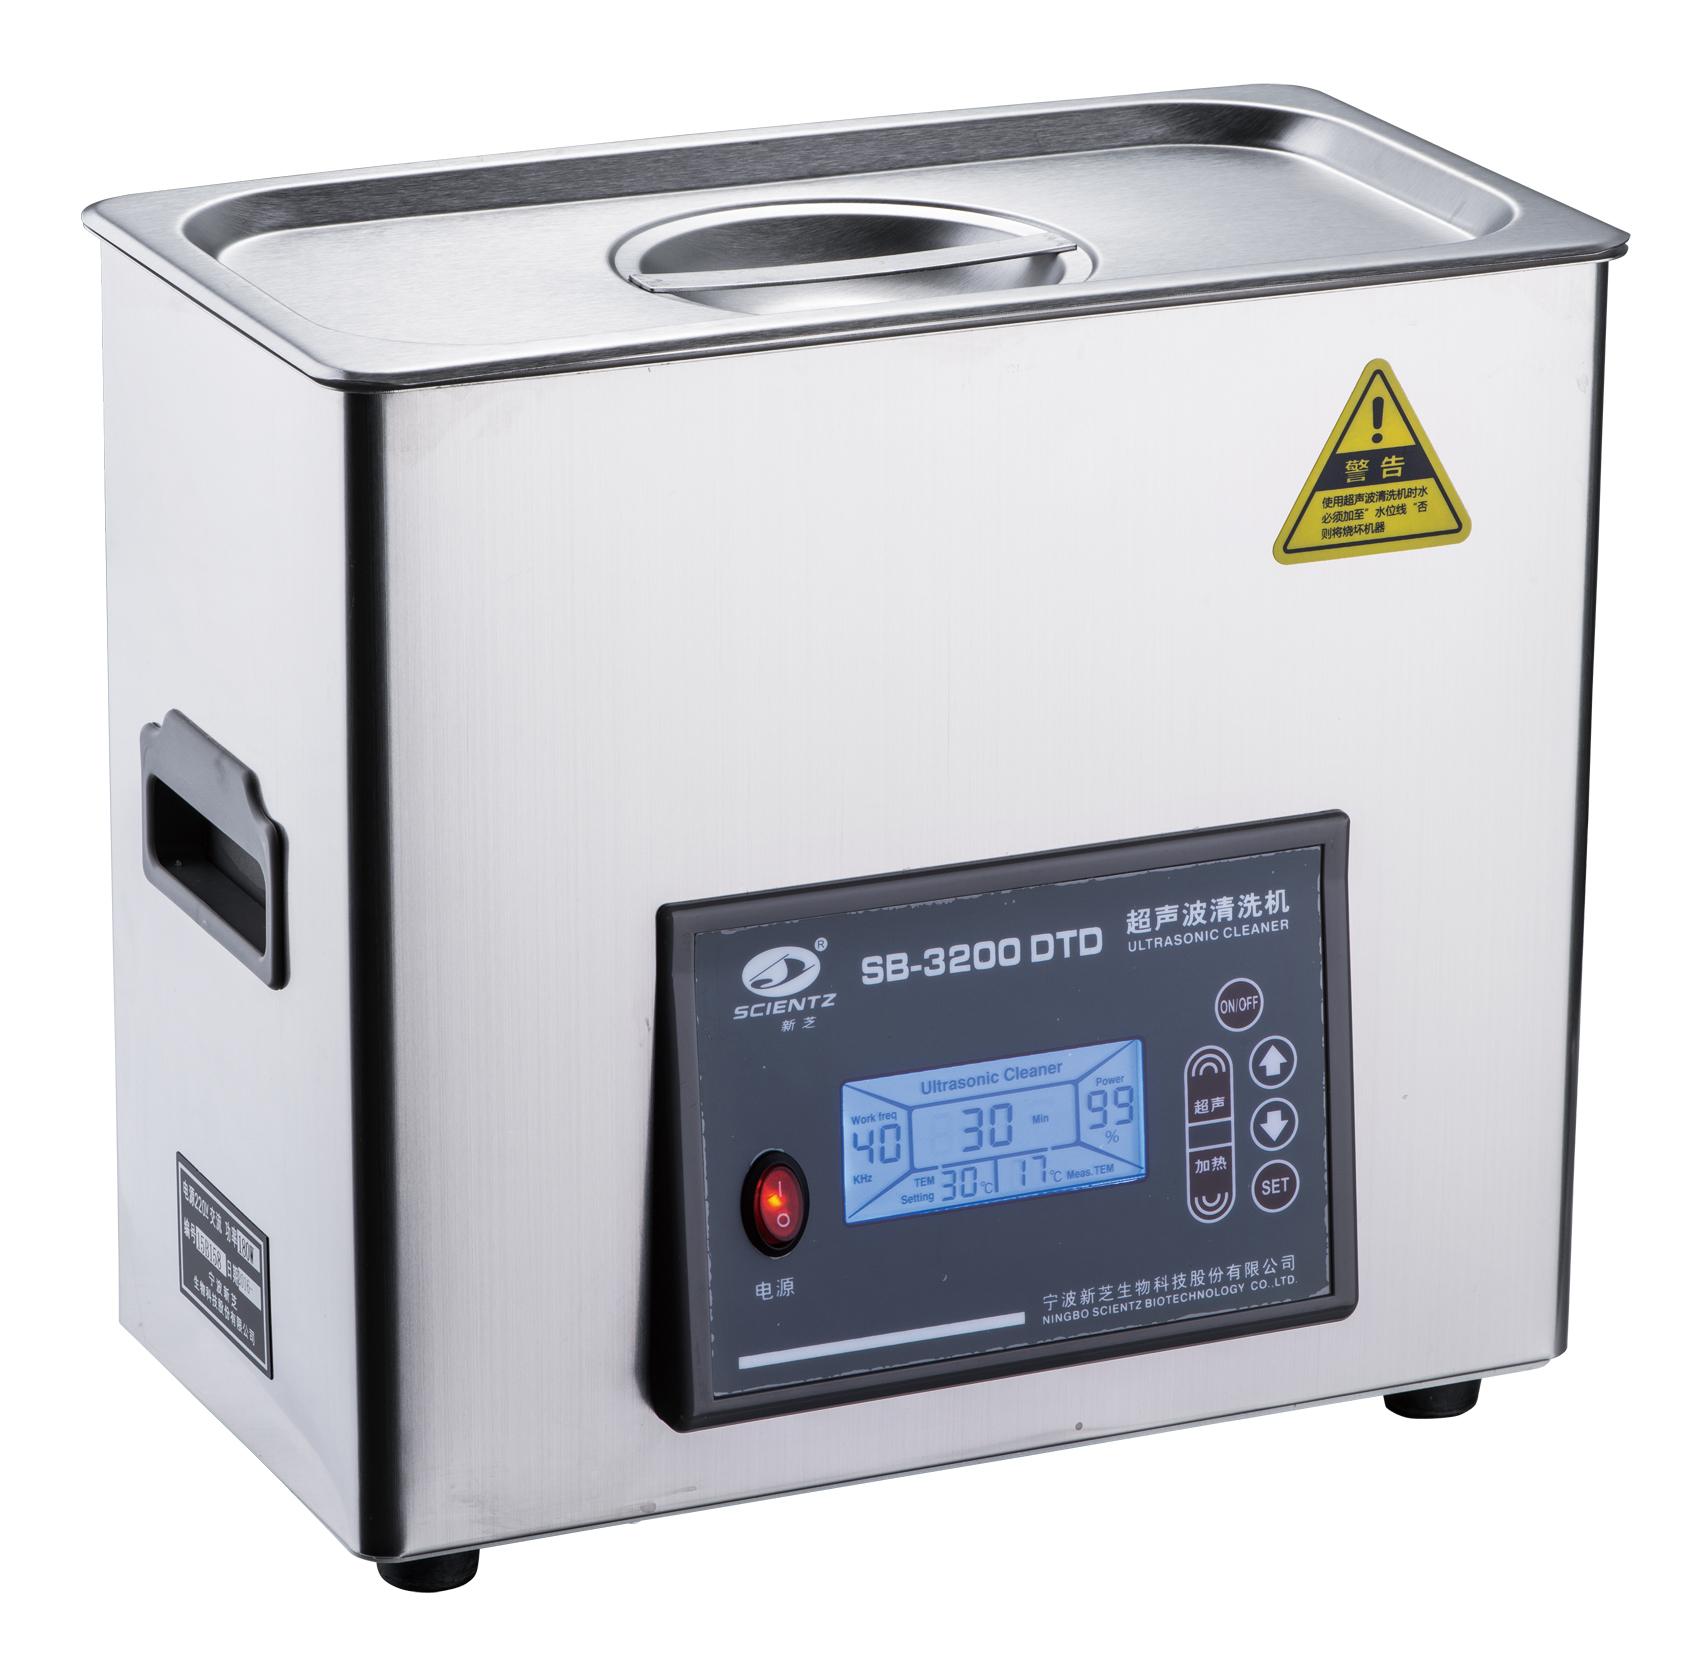 宁波新芝SB-3200DTD超声波清洗机